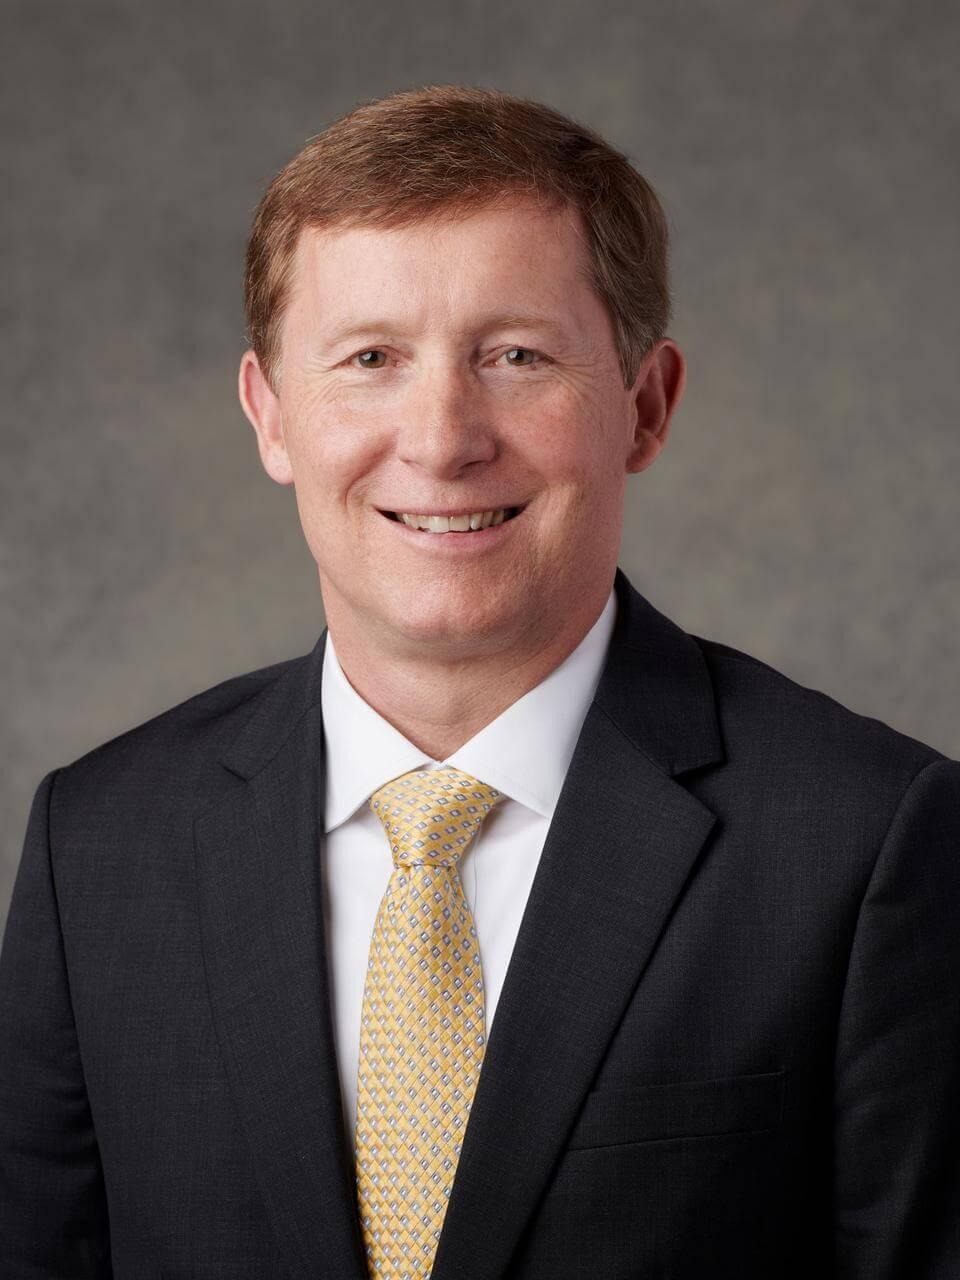 Todd L Budge